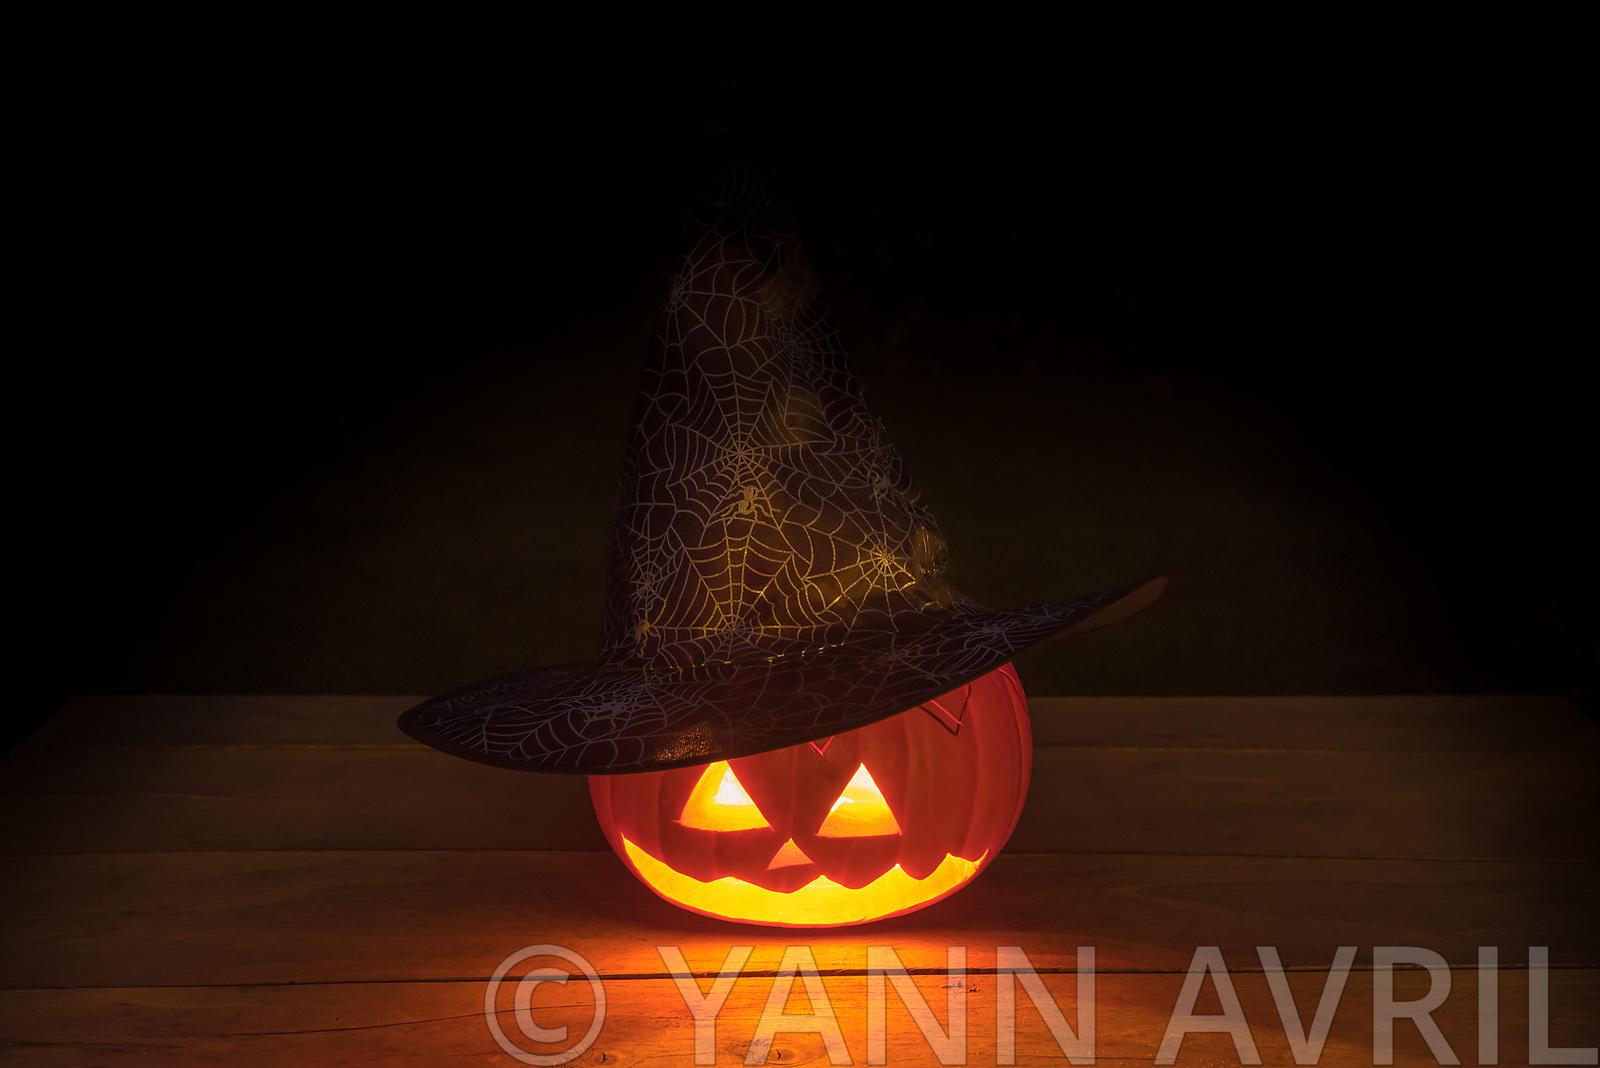 Yann Avril Photography | Garden And Nature Citrouille D dedans Photo De Citrouille D Halloween